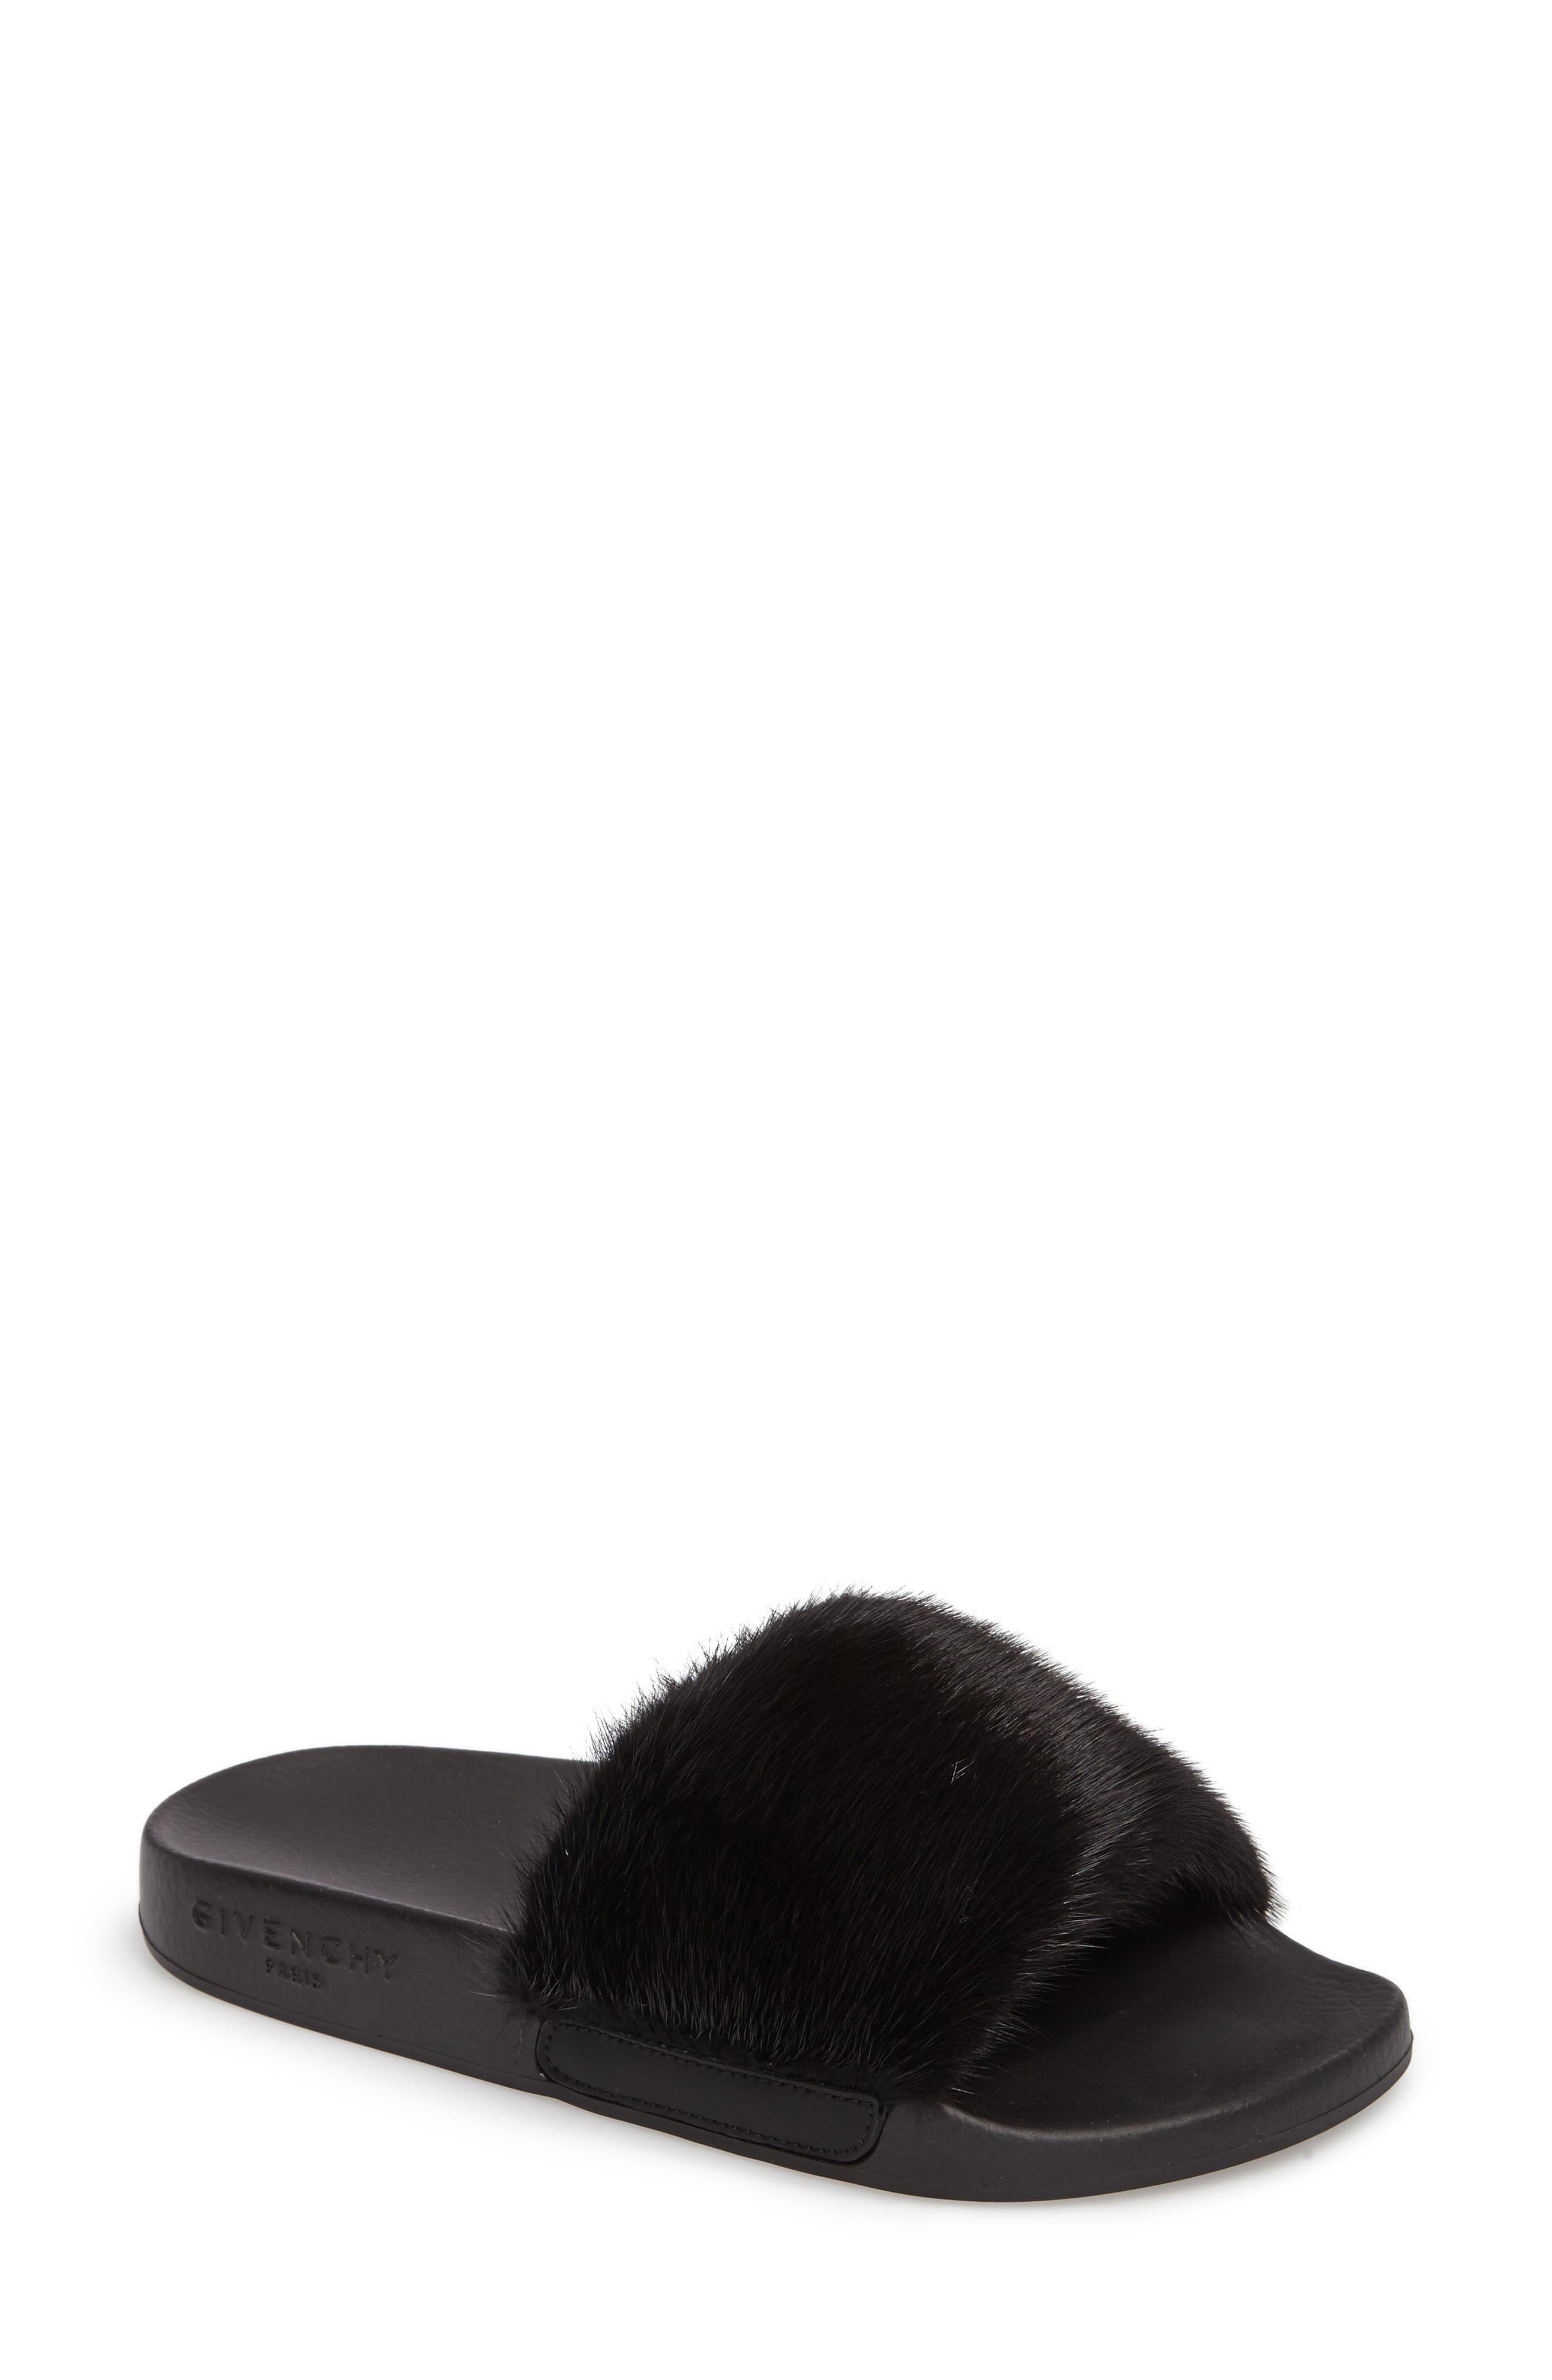 Genuine Mink Fur Slide Sandal,                         Main,                         color, BLACK MINK